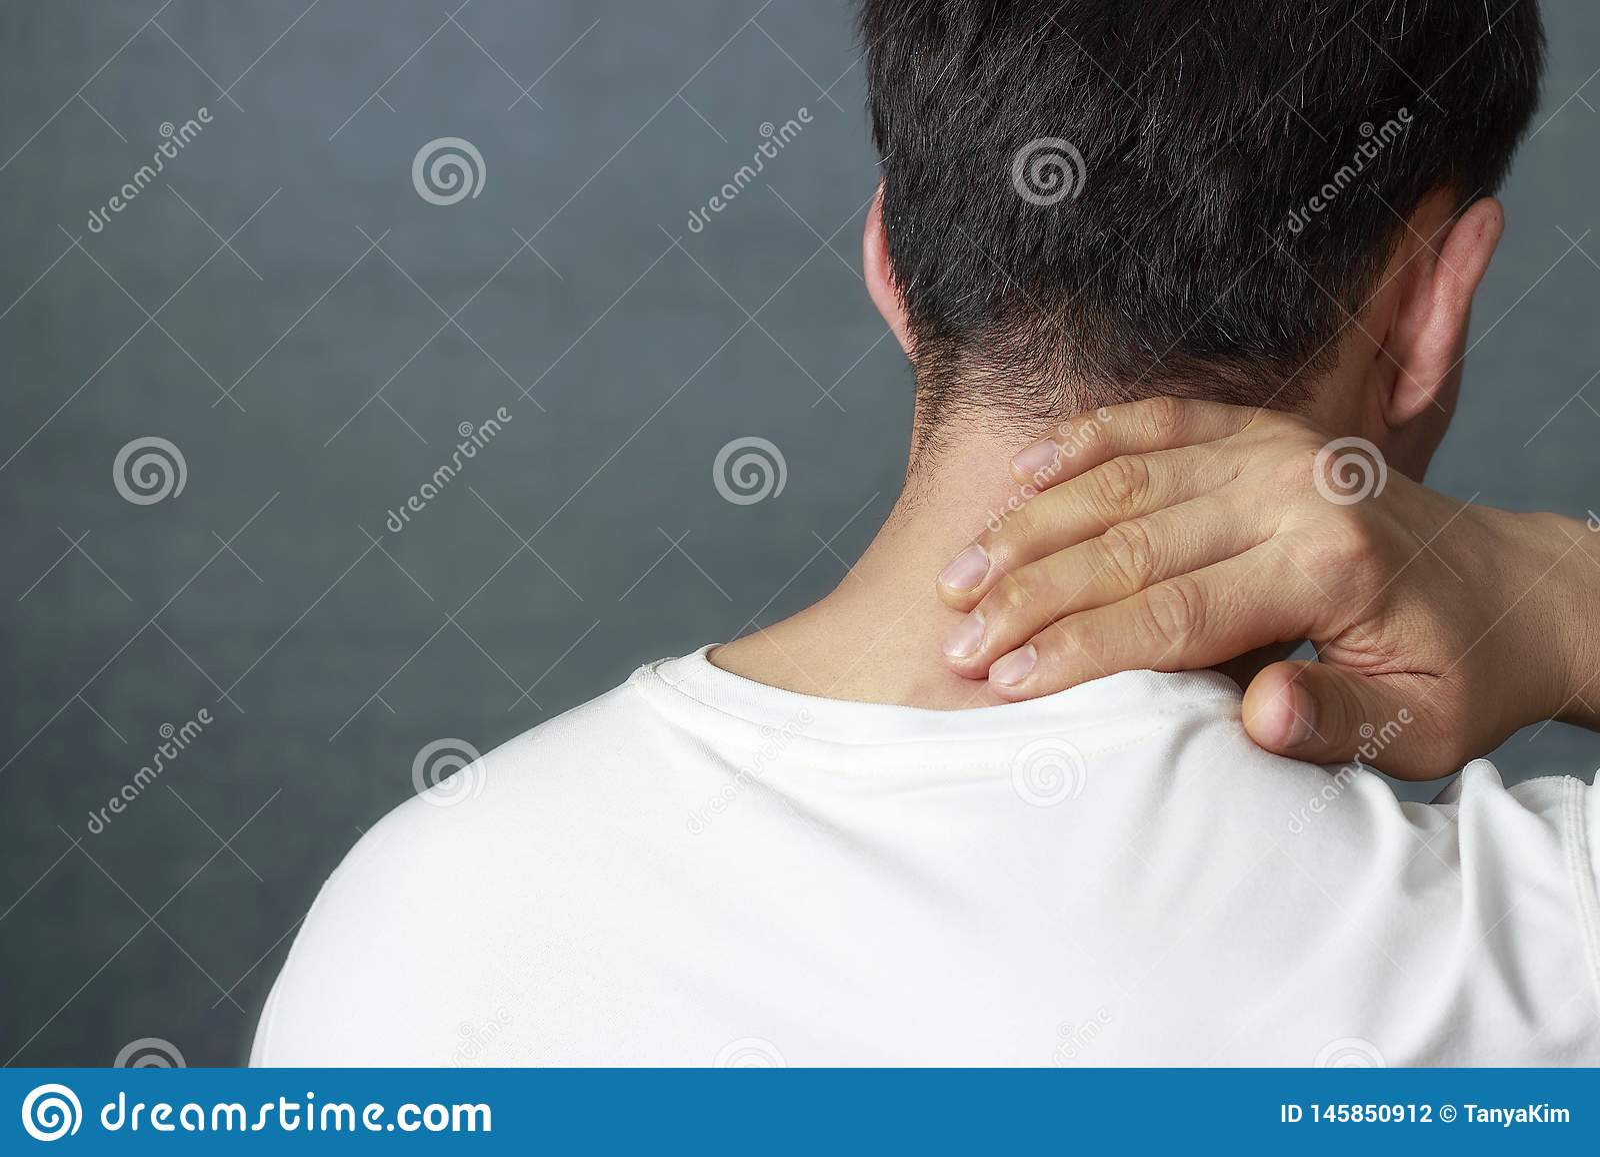 一个人按摩一个疼痛脖子,特写镜头,背面图